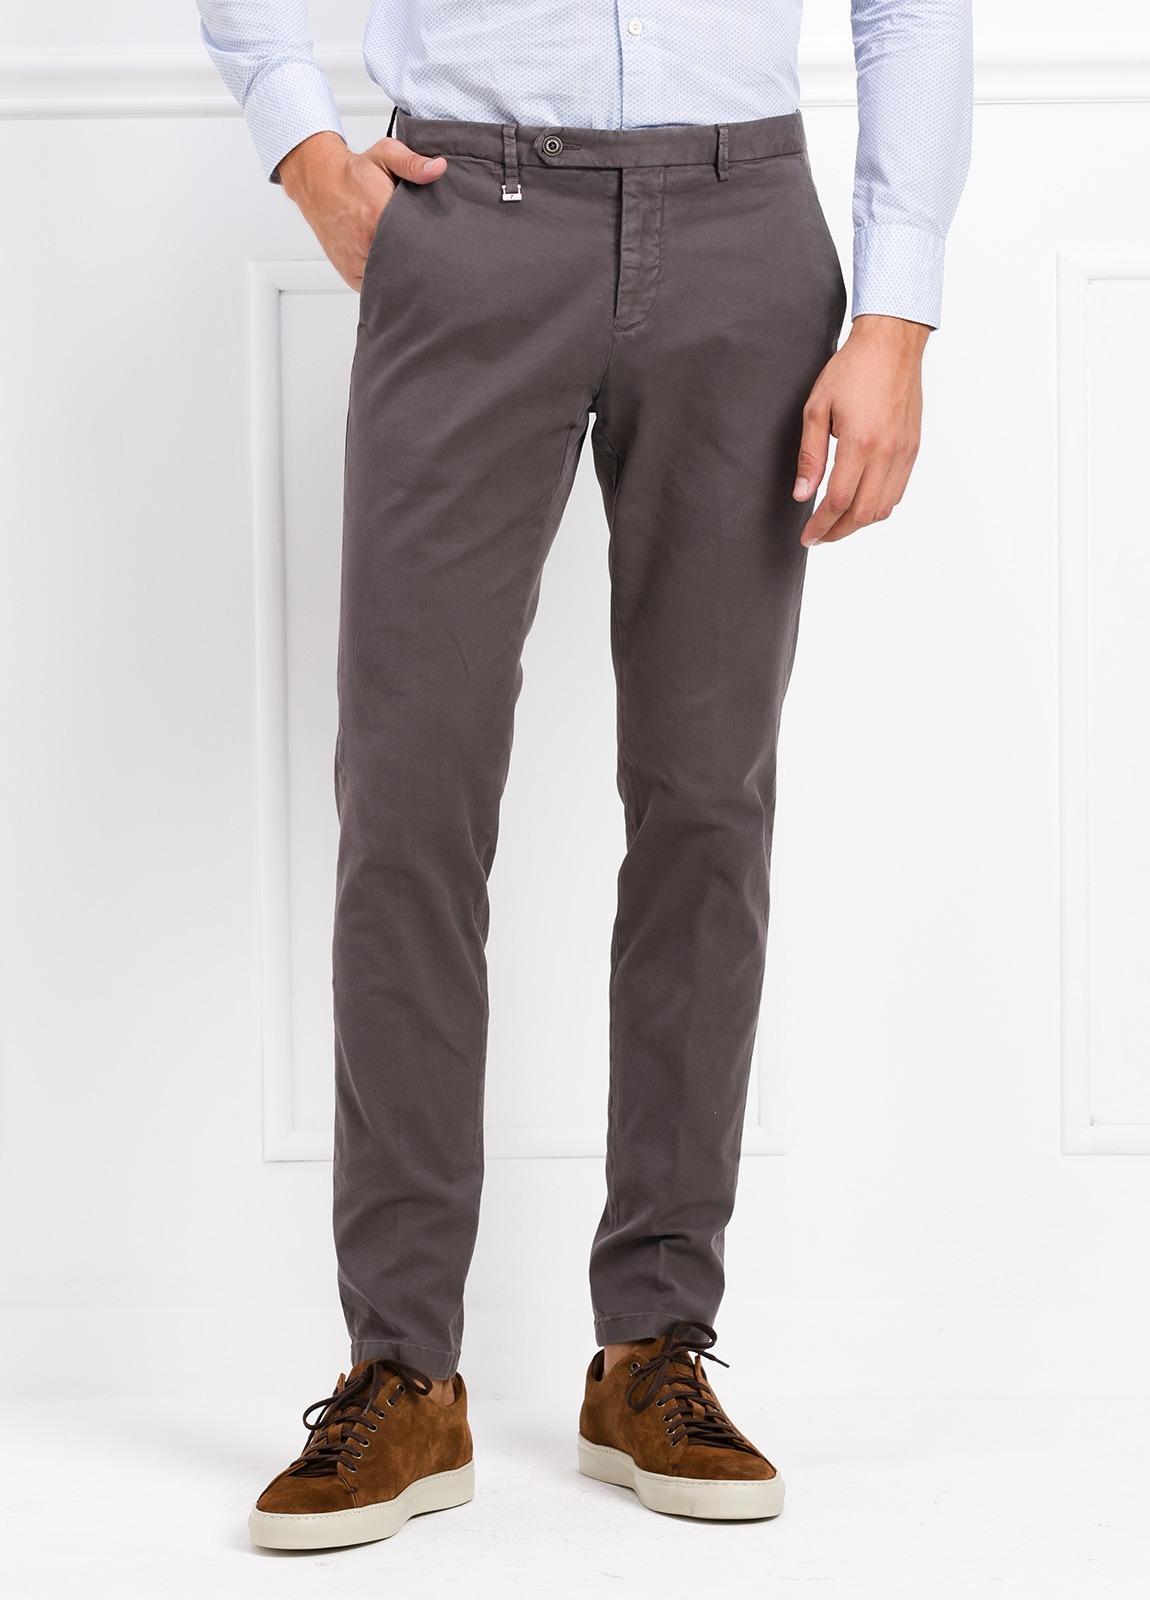 Pantalón modelo slim fit color gris. 97% Algodón 3% Ea.